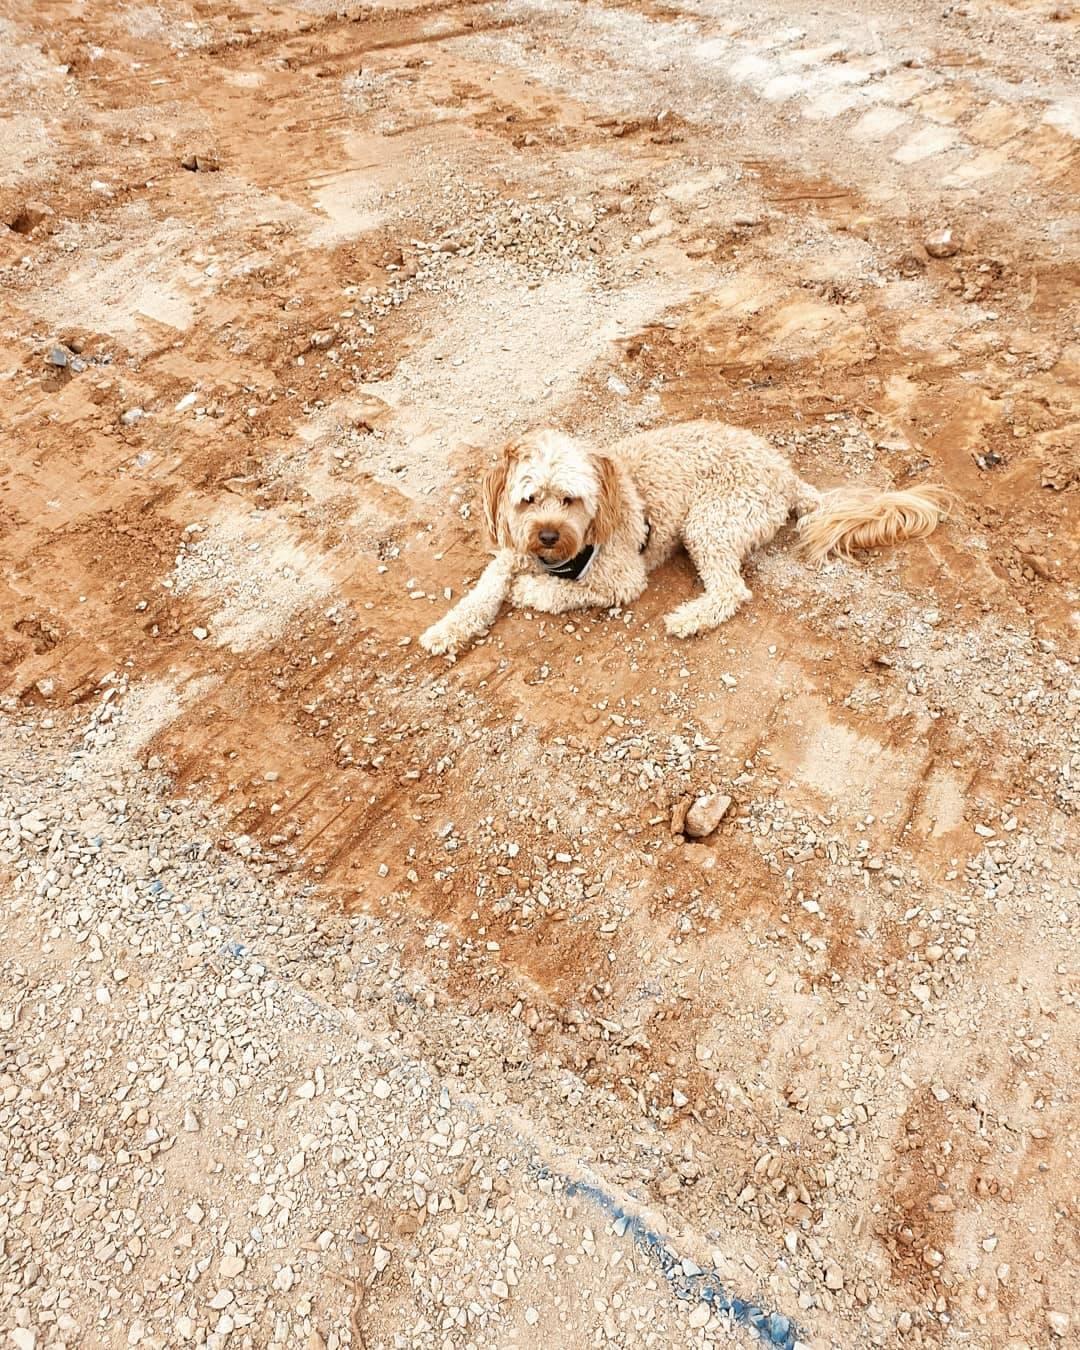 dog in dirt.jpg